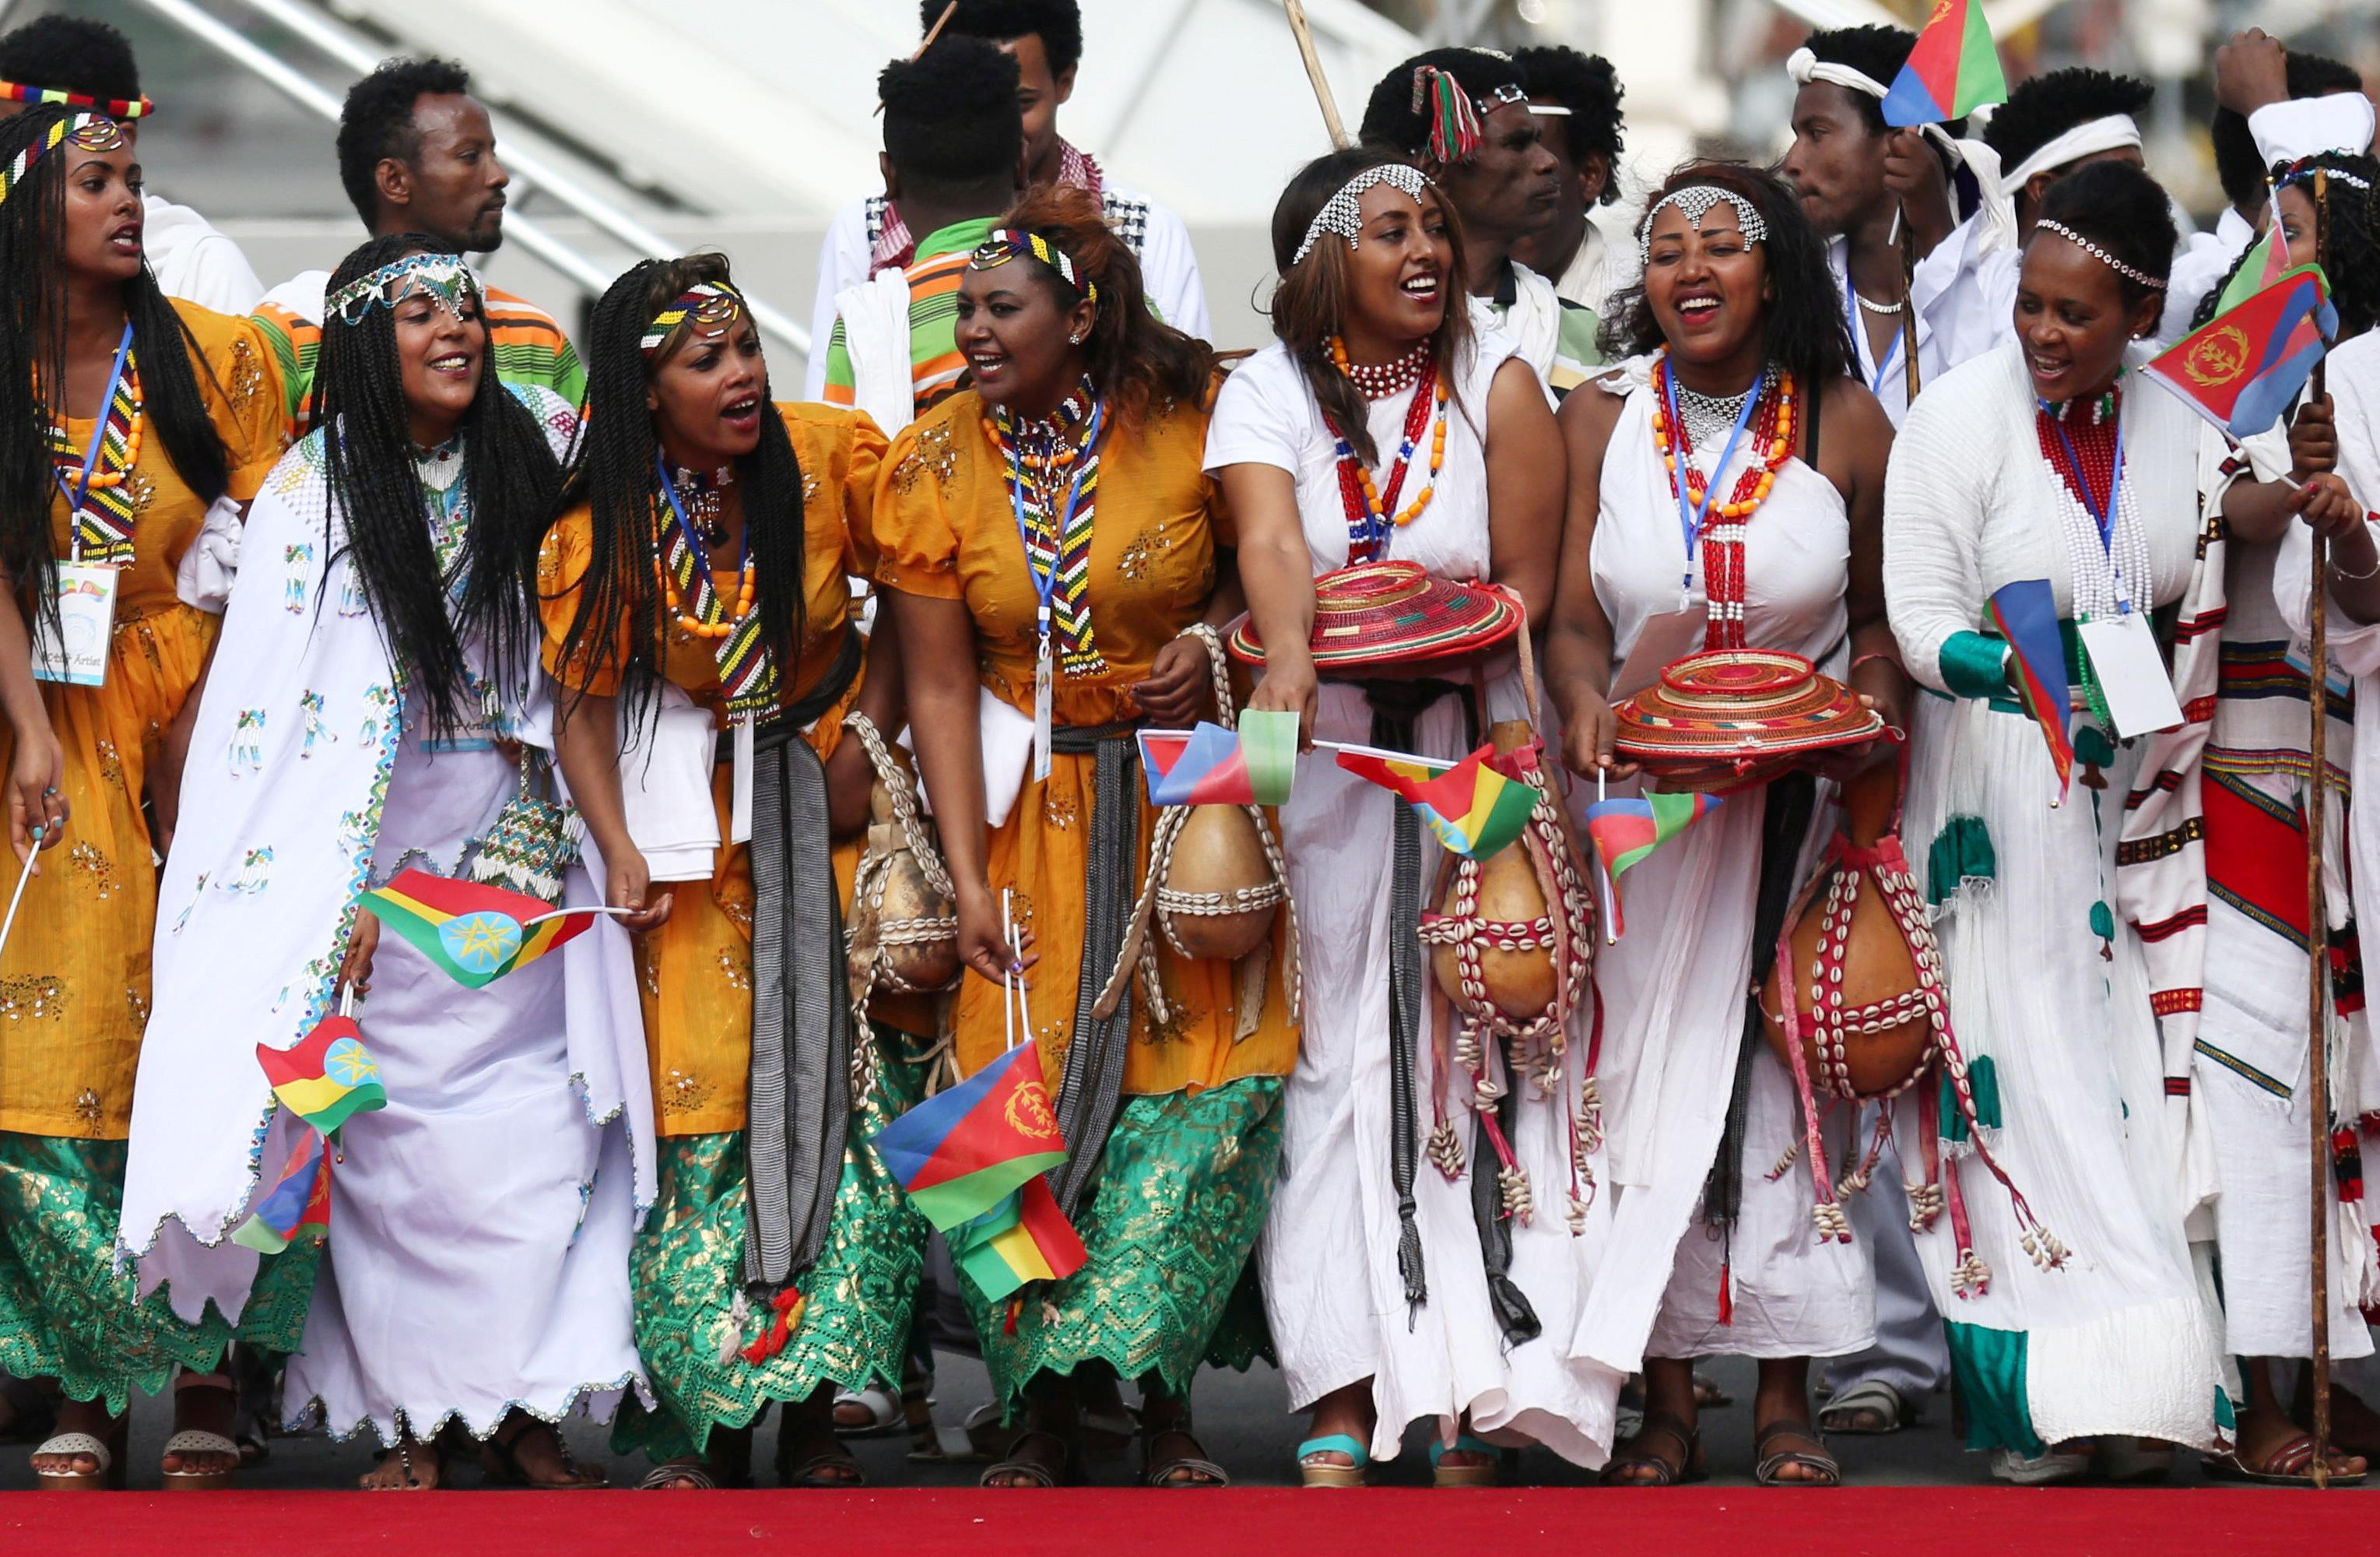 Des danceurs traditionnels éthiopiens ont donné un spectacle pour accueillir le président de l'Érythrée, Isaias Afwerki, à l'aéroport international Bole, à Addis Abeba, en Éthiopie, le 14 juillet 2018.